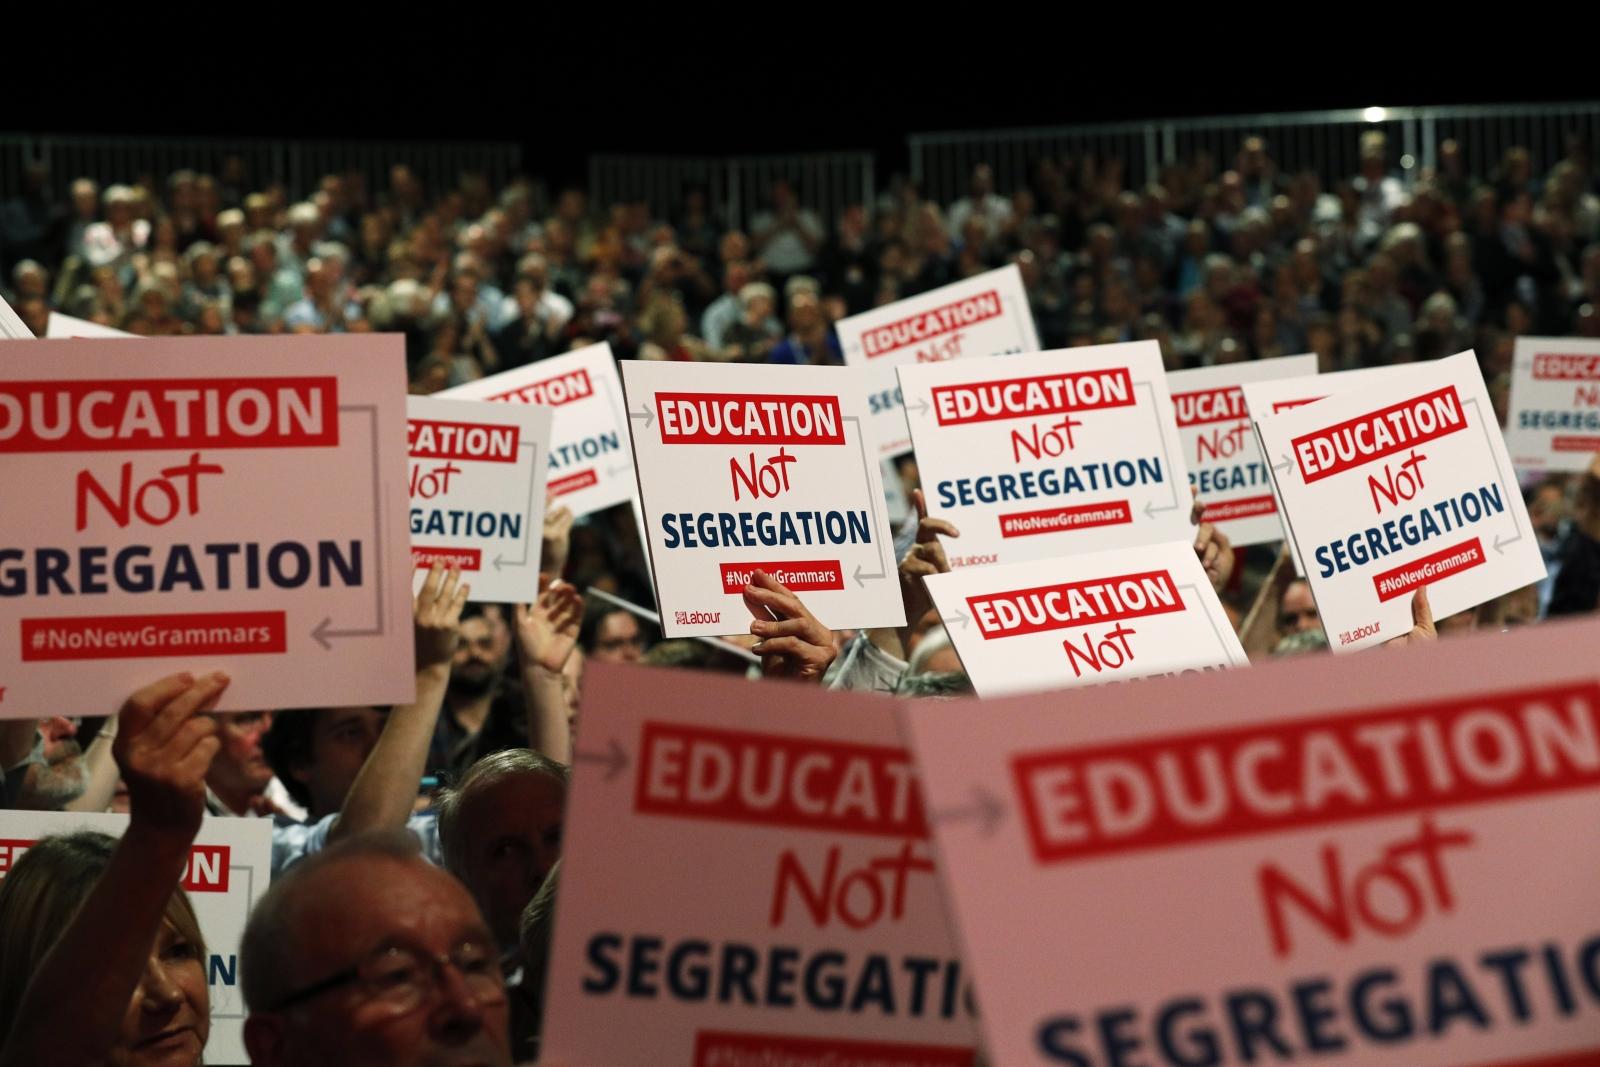 Labour's Education Not Segregation Campaign